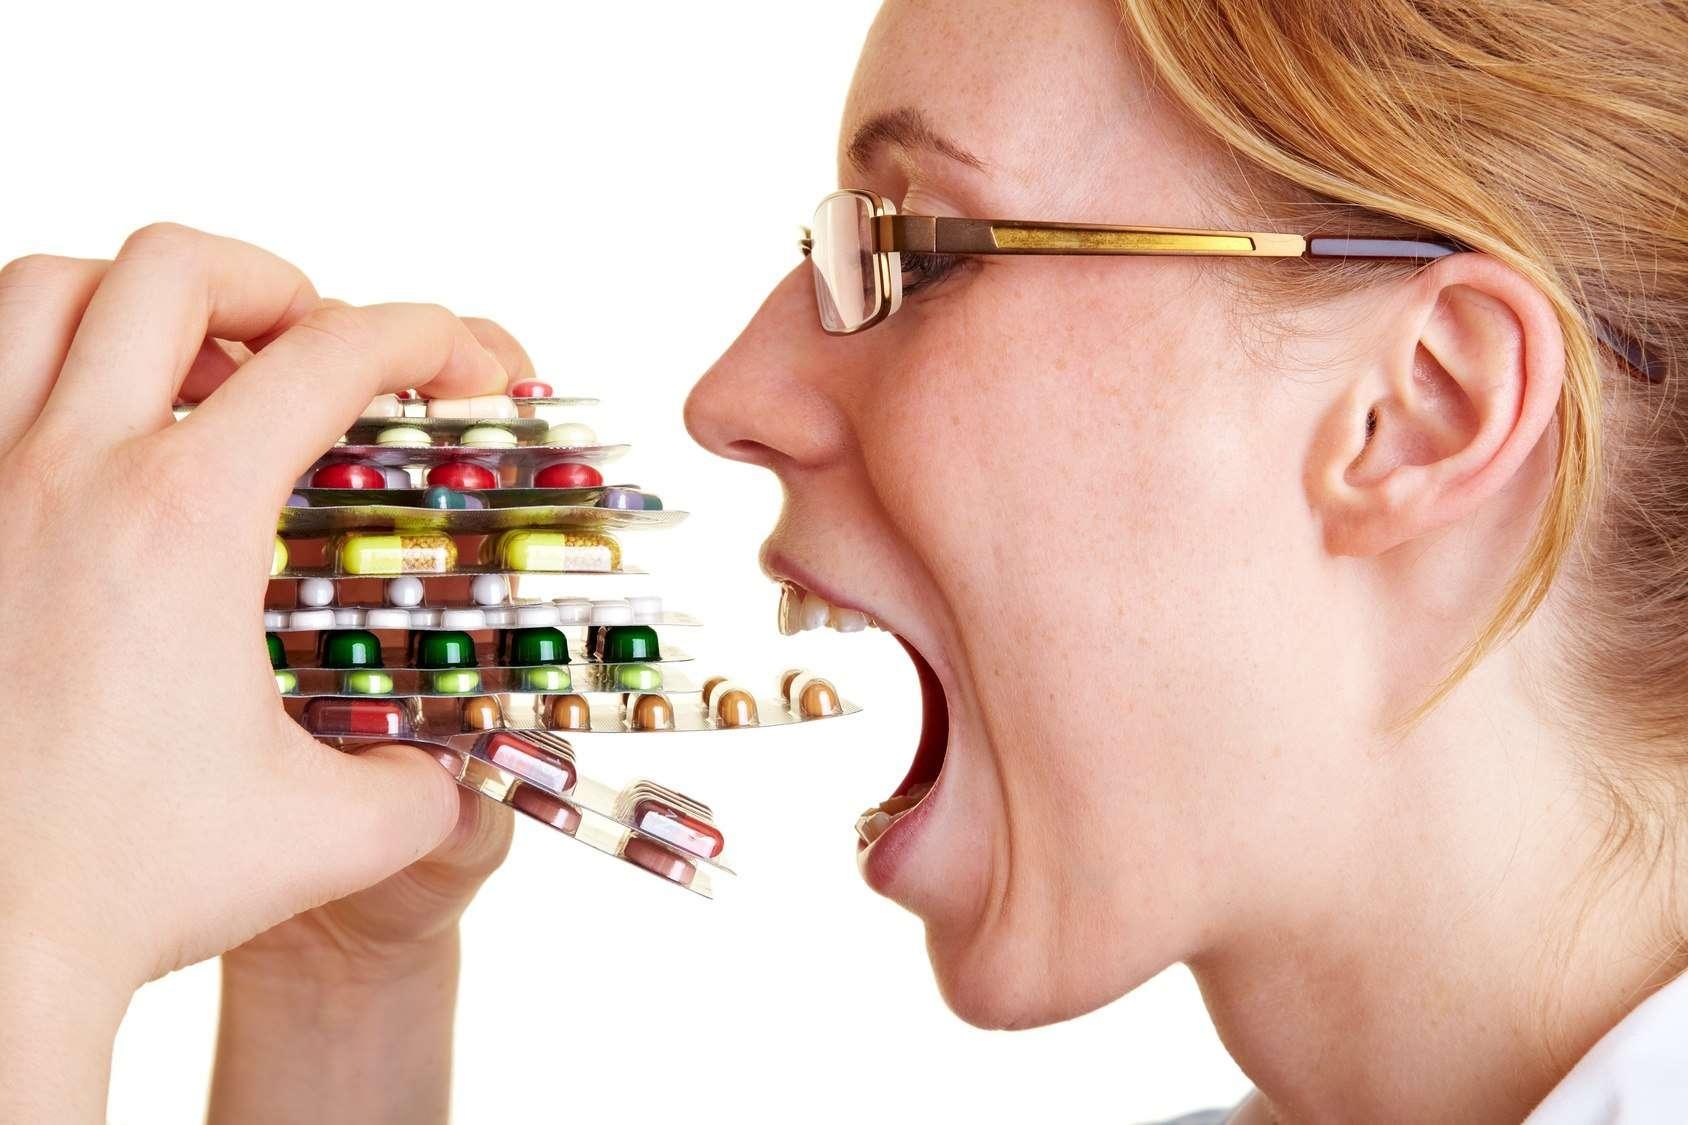 лекарство от паразитов цена в аптеке